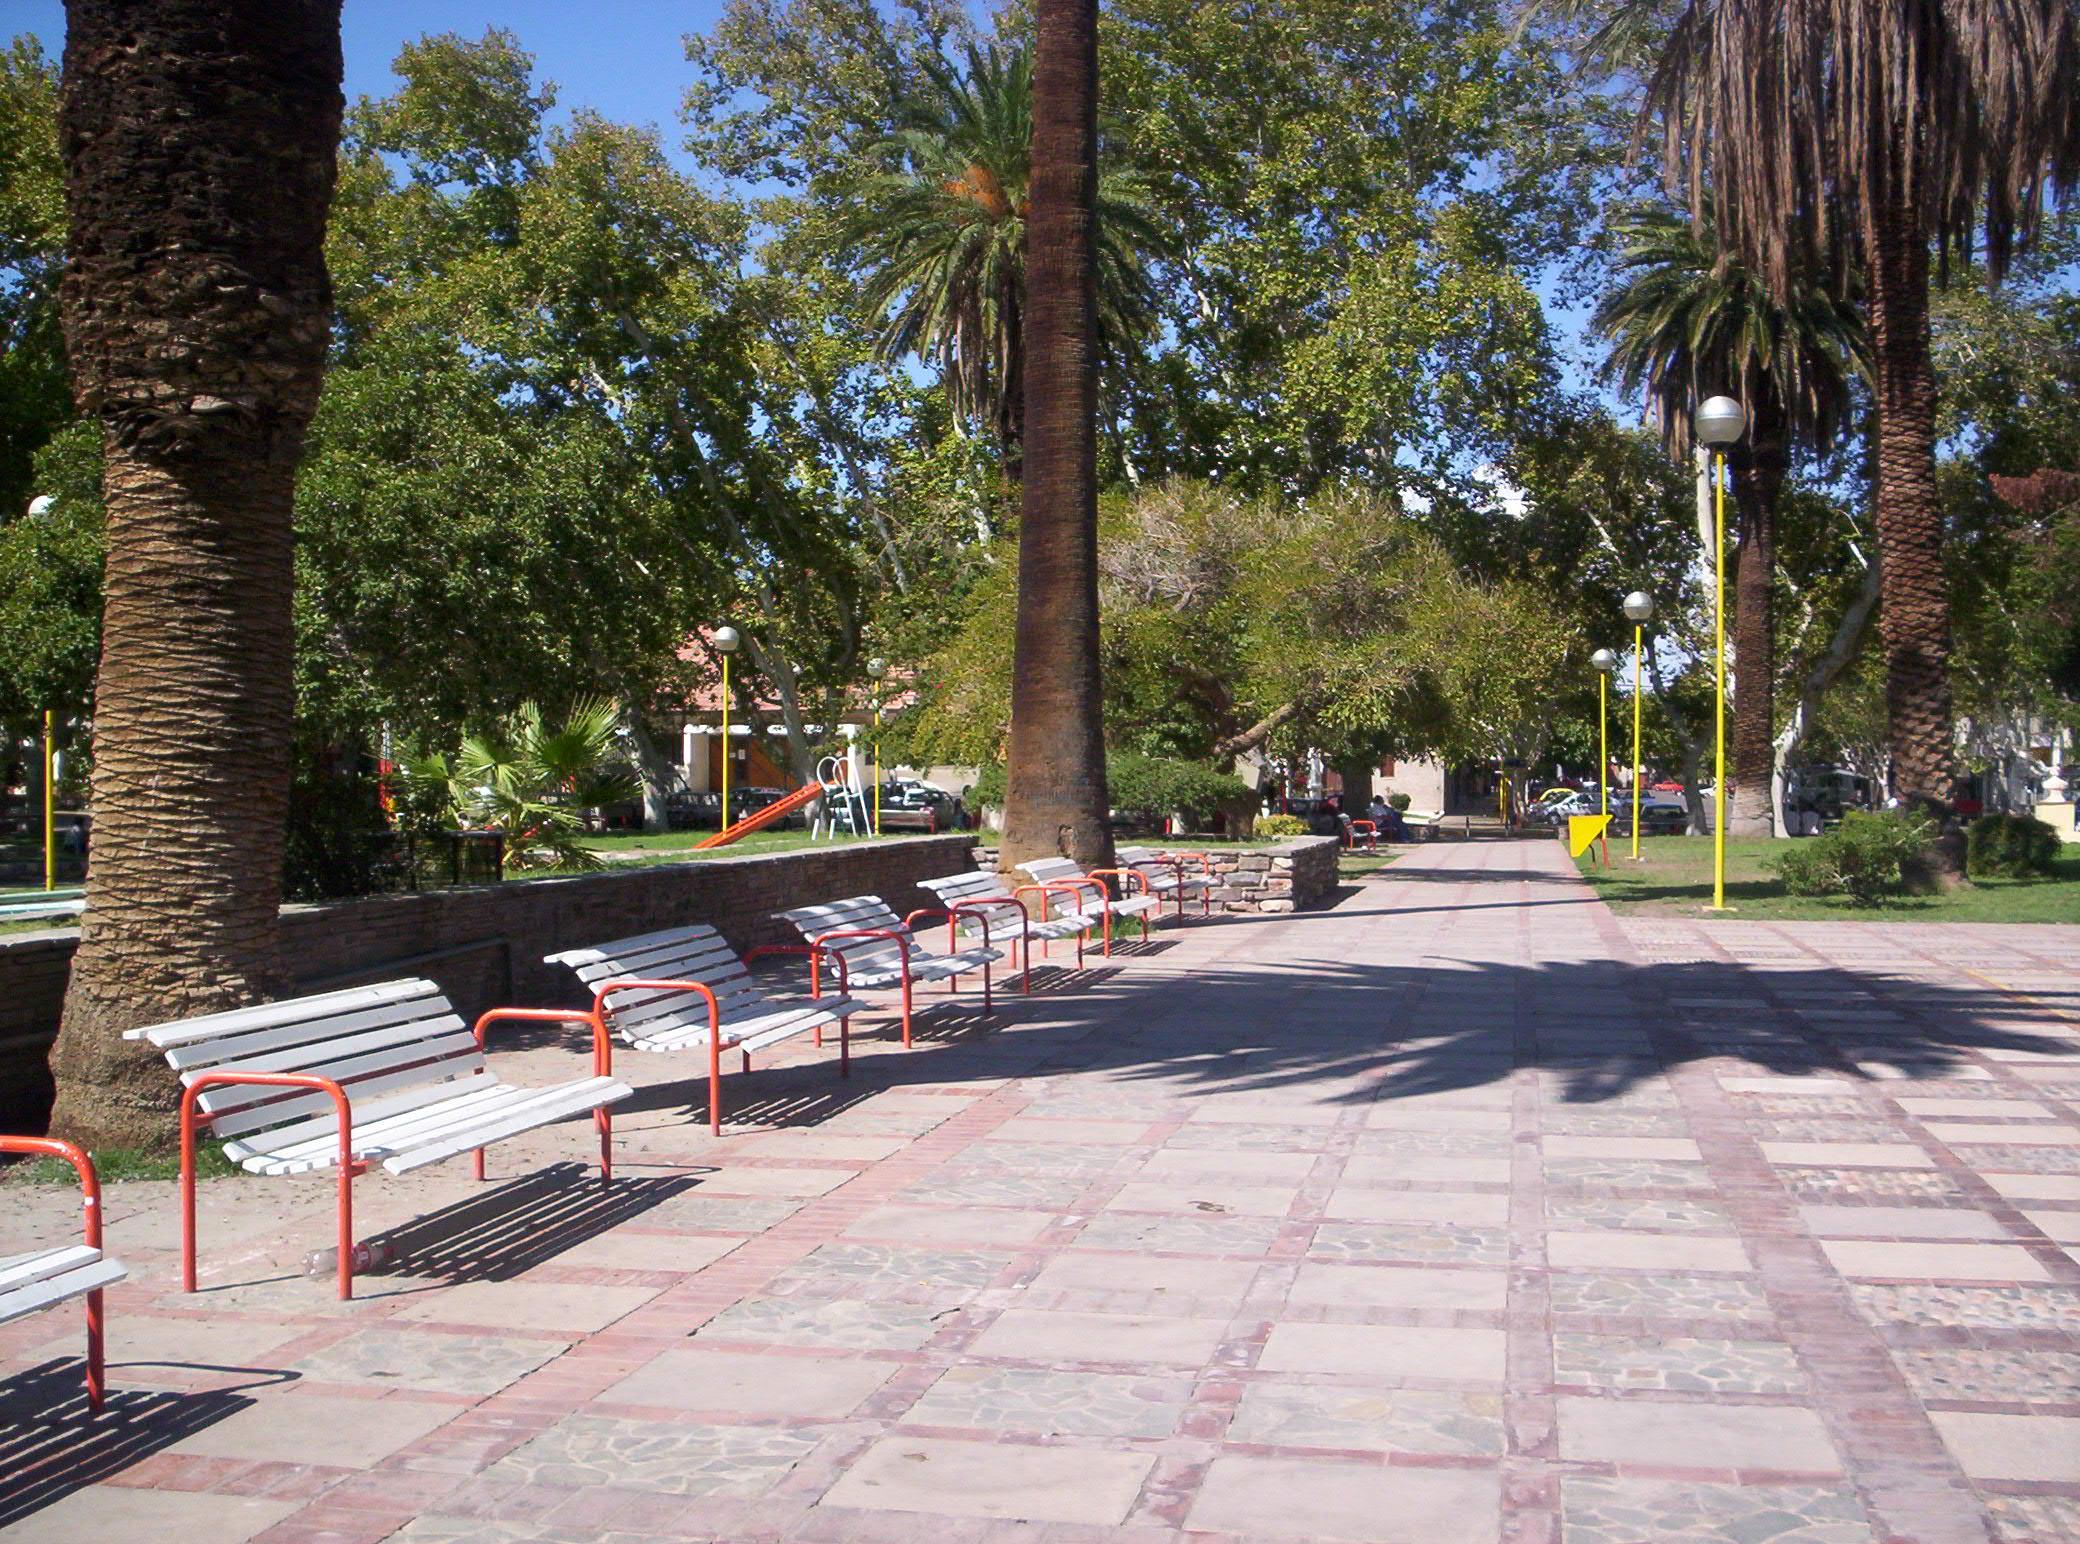 Parque          Plaza_Aberastain,_ciudad_de_San_Juan,_Argentina